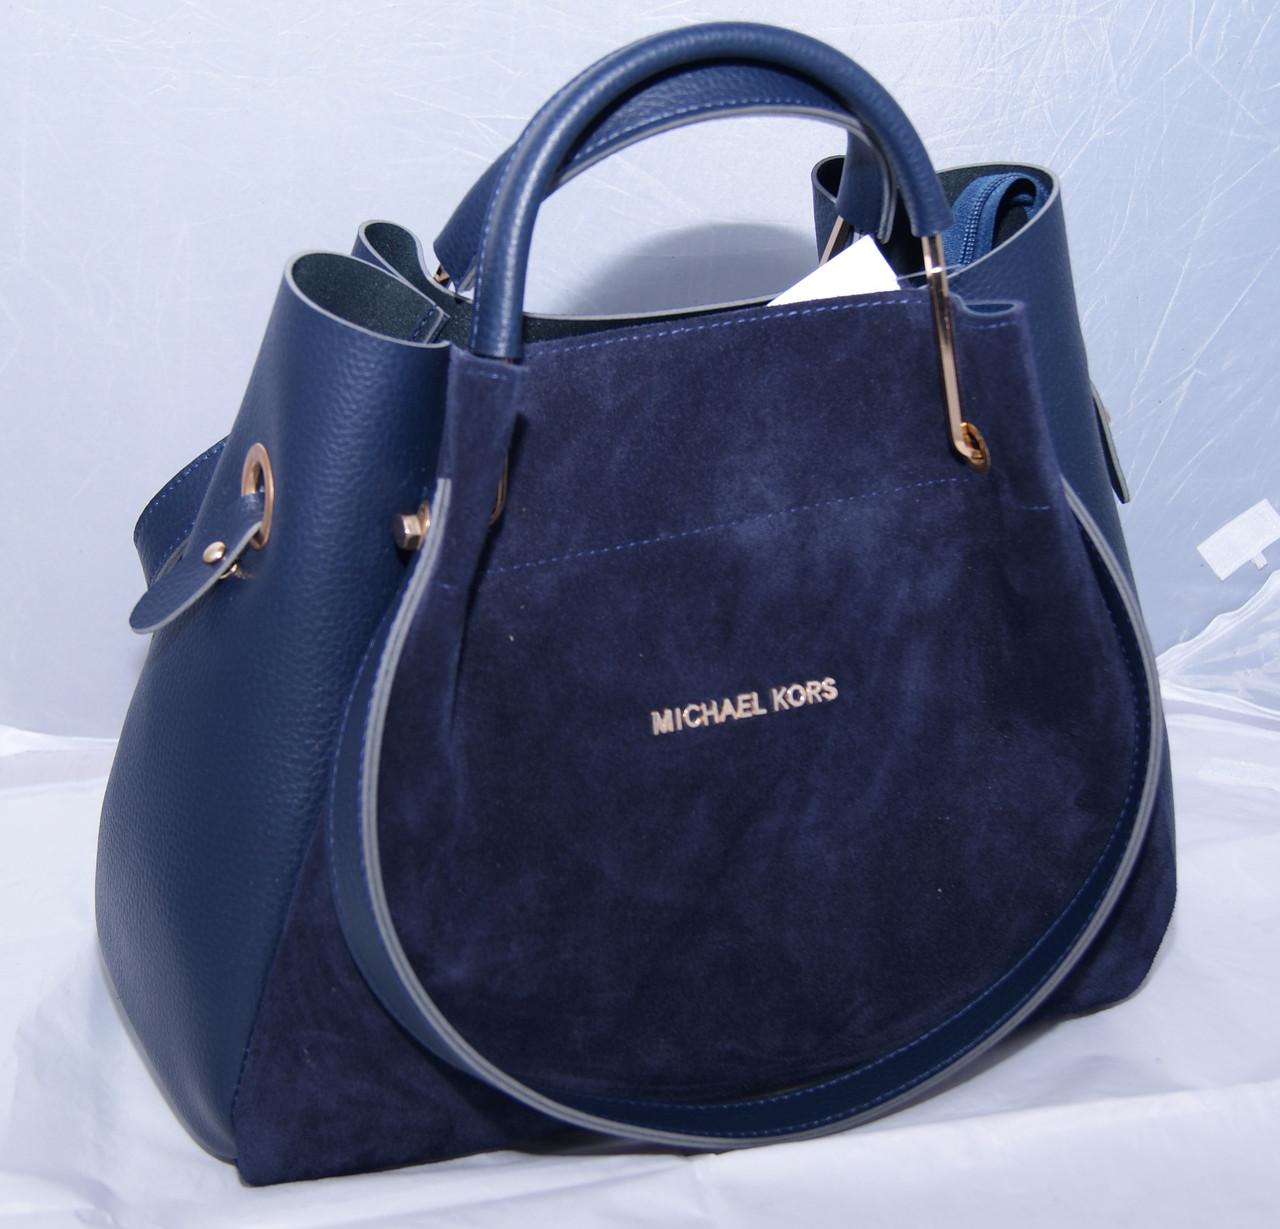 Женская синяя замшевая сумка-шоппер Mісhаеl Коrs, MK, в стиле Майкл Корс с отстёгивающимся кошельком ( код: IBG034Z1 )